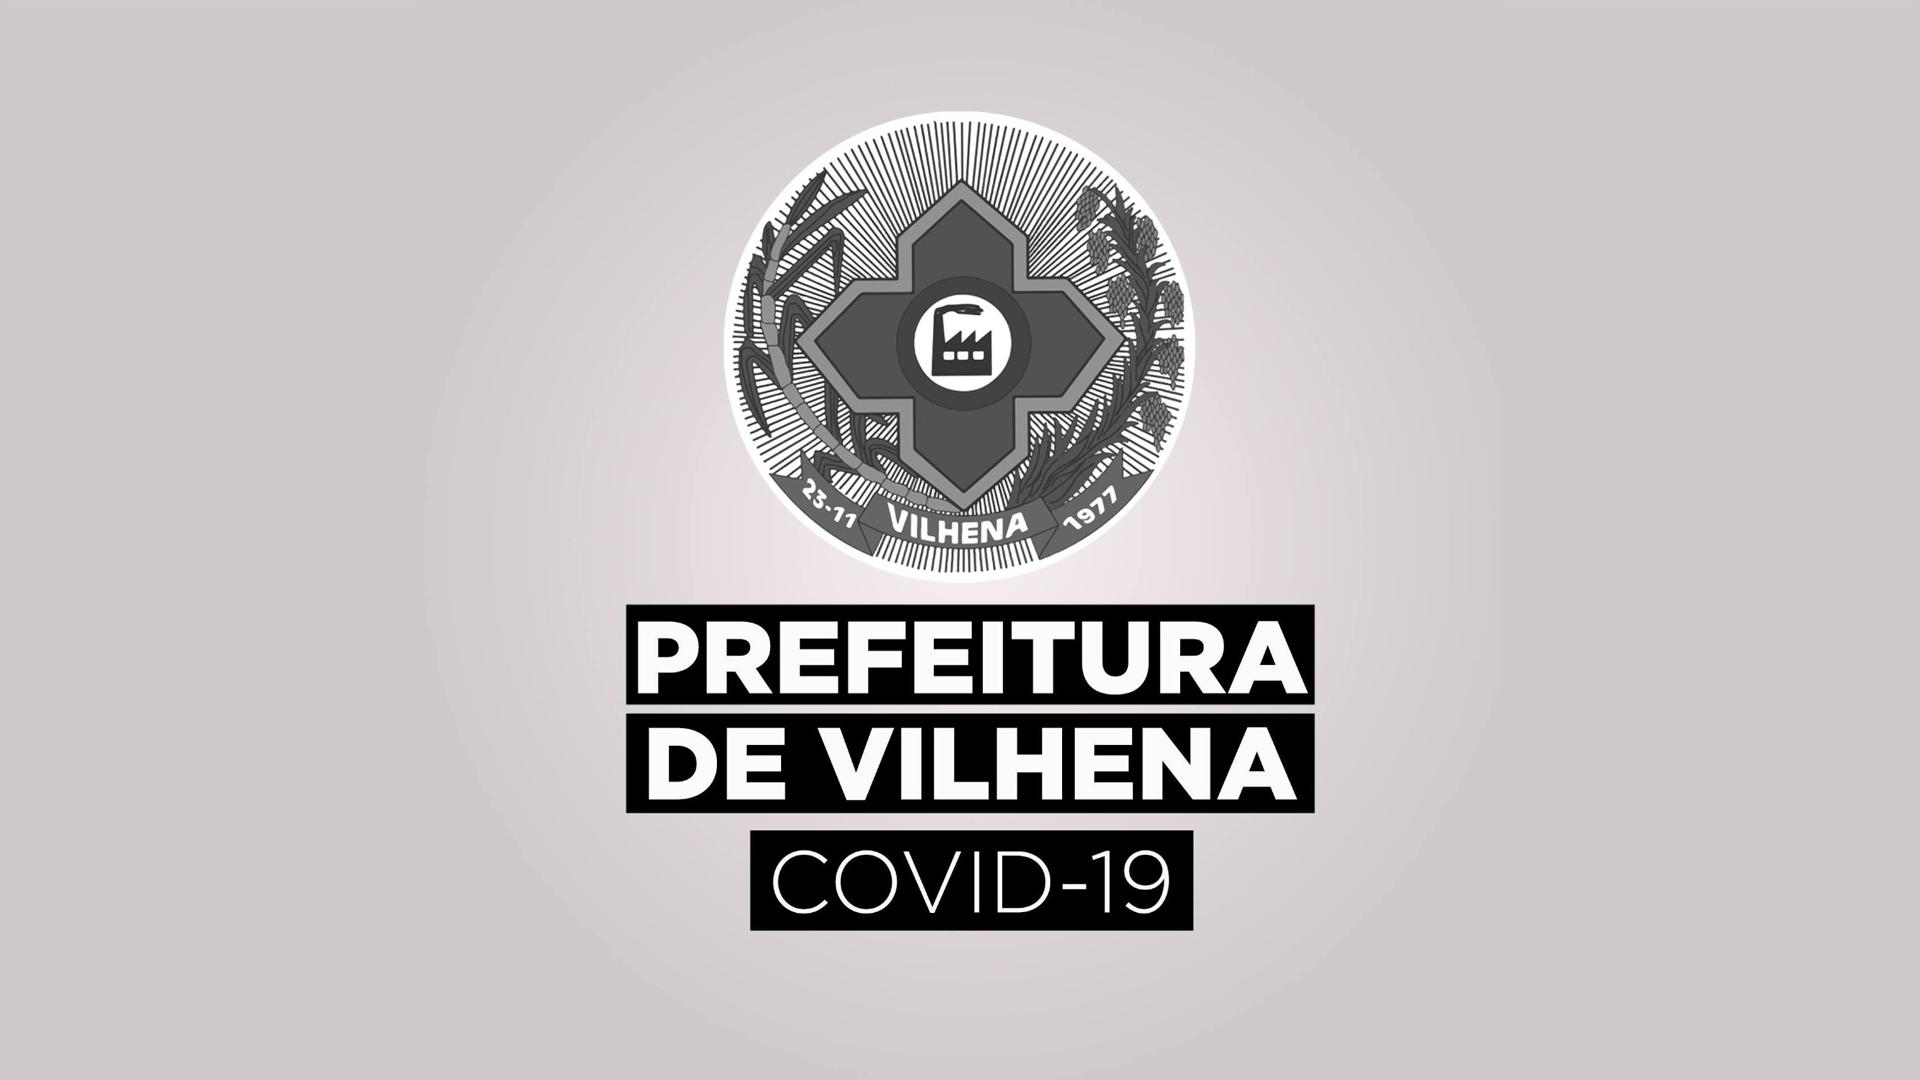 BOLETIM PMV Nº 446 - 04/06/21 CORONAVÍRUS (COVID-19)